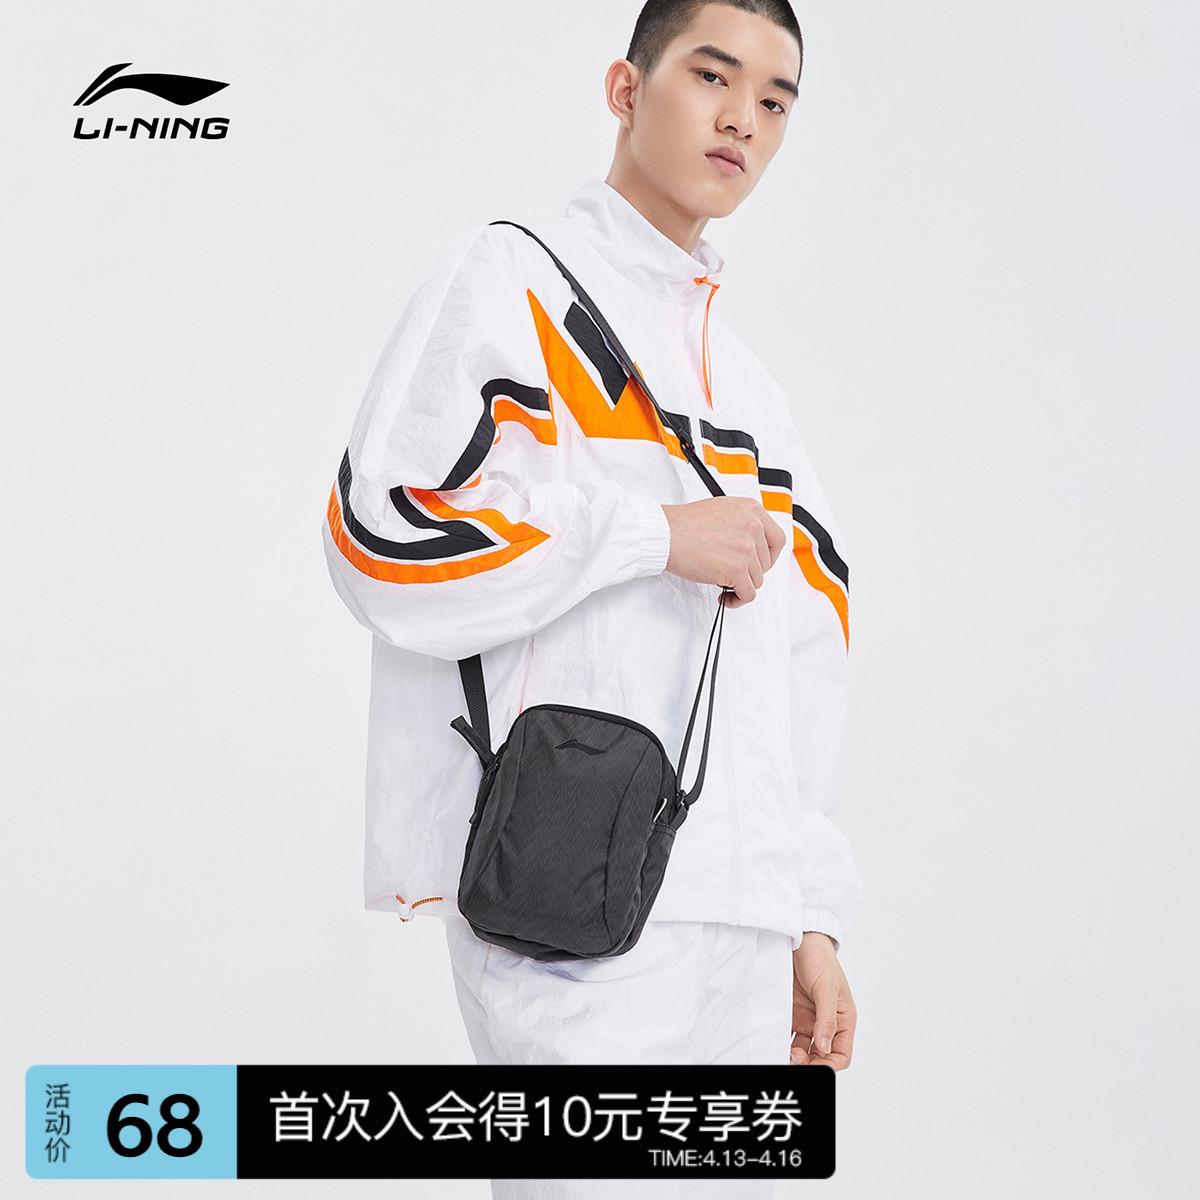 Li ning сумку подходит для мужчин и женщин официальный сайт новый обучение серия движение малый пакет пакет сумка кошелек